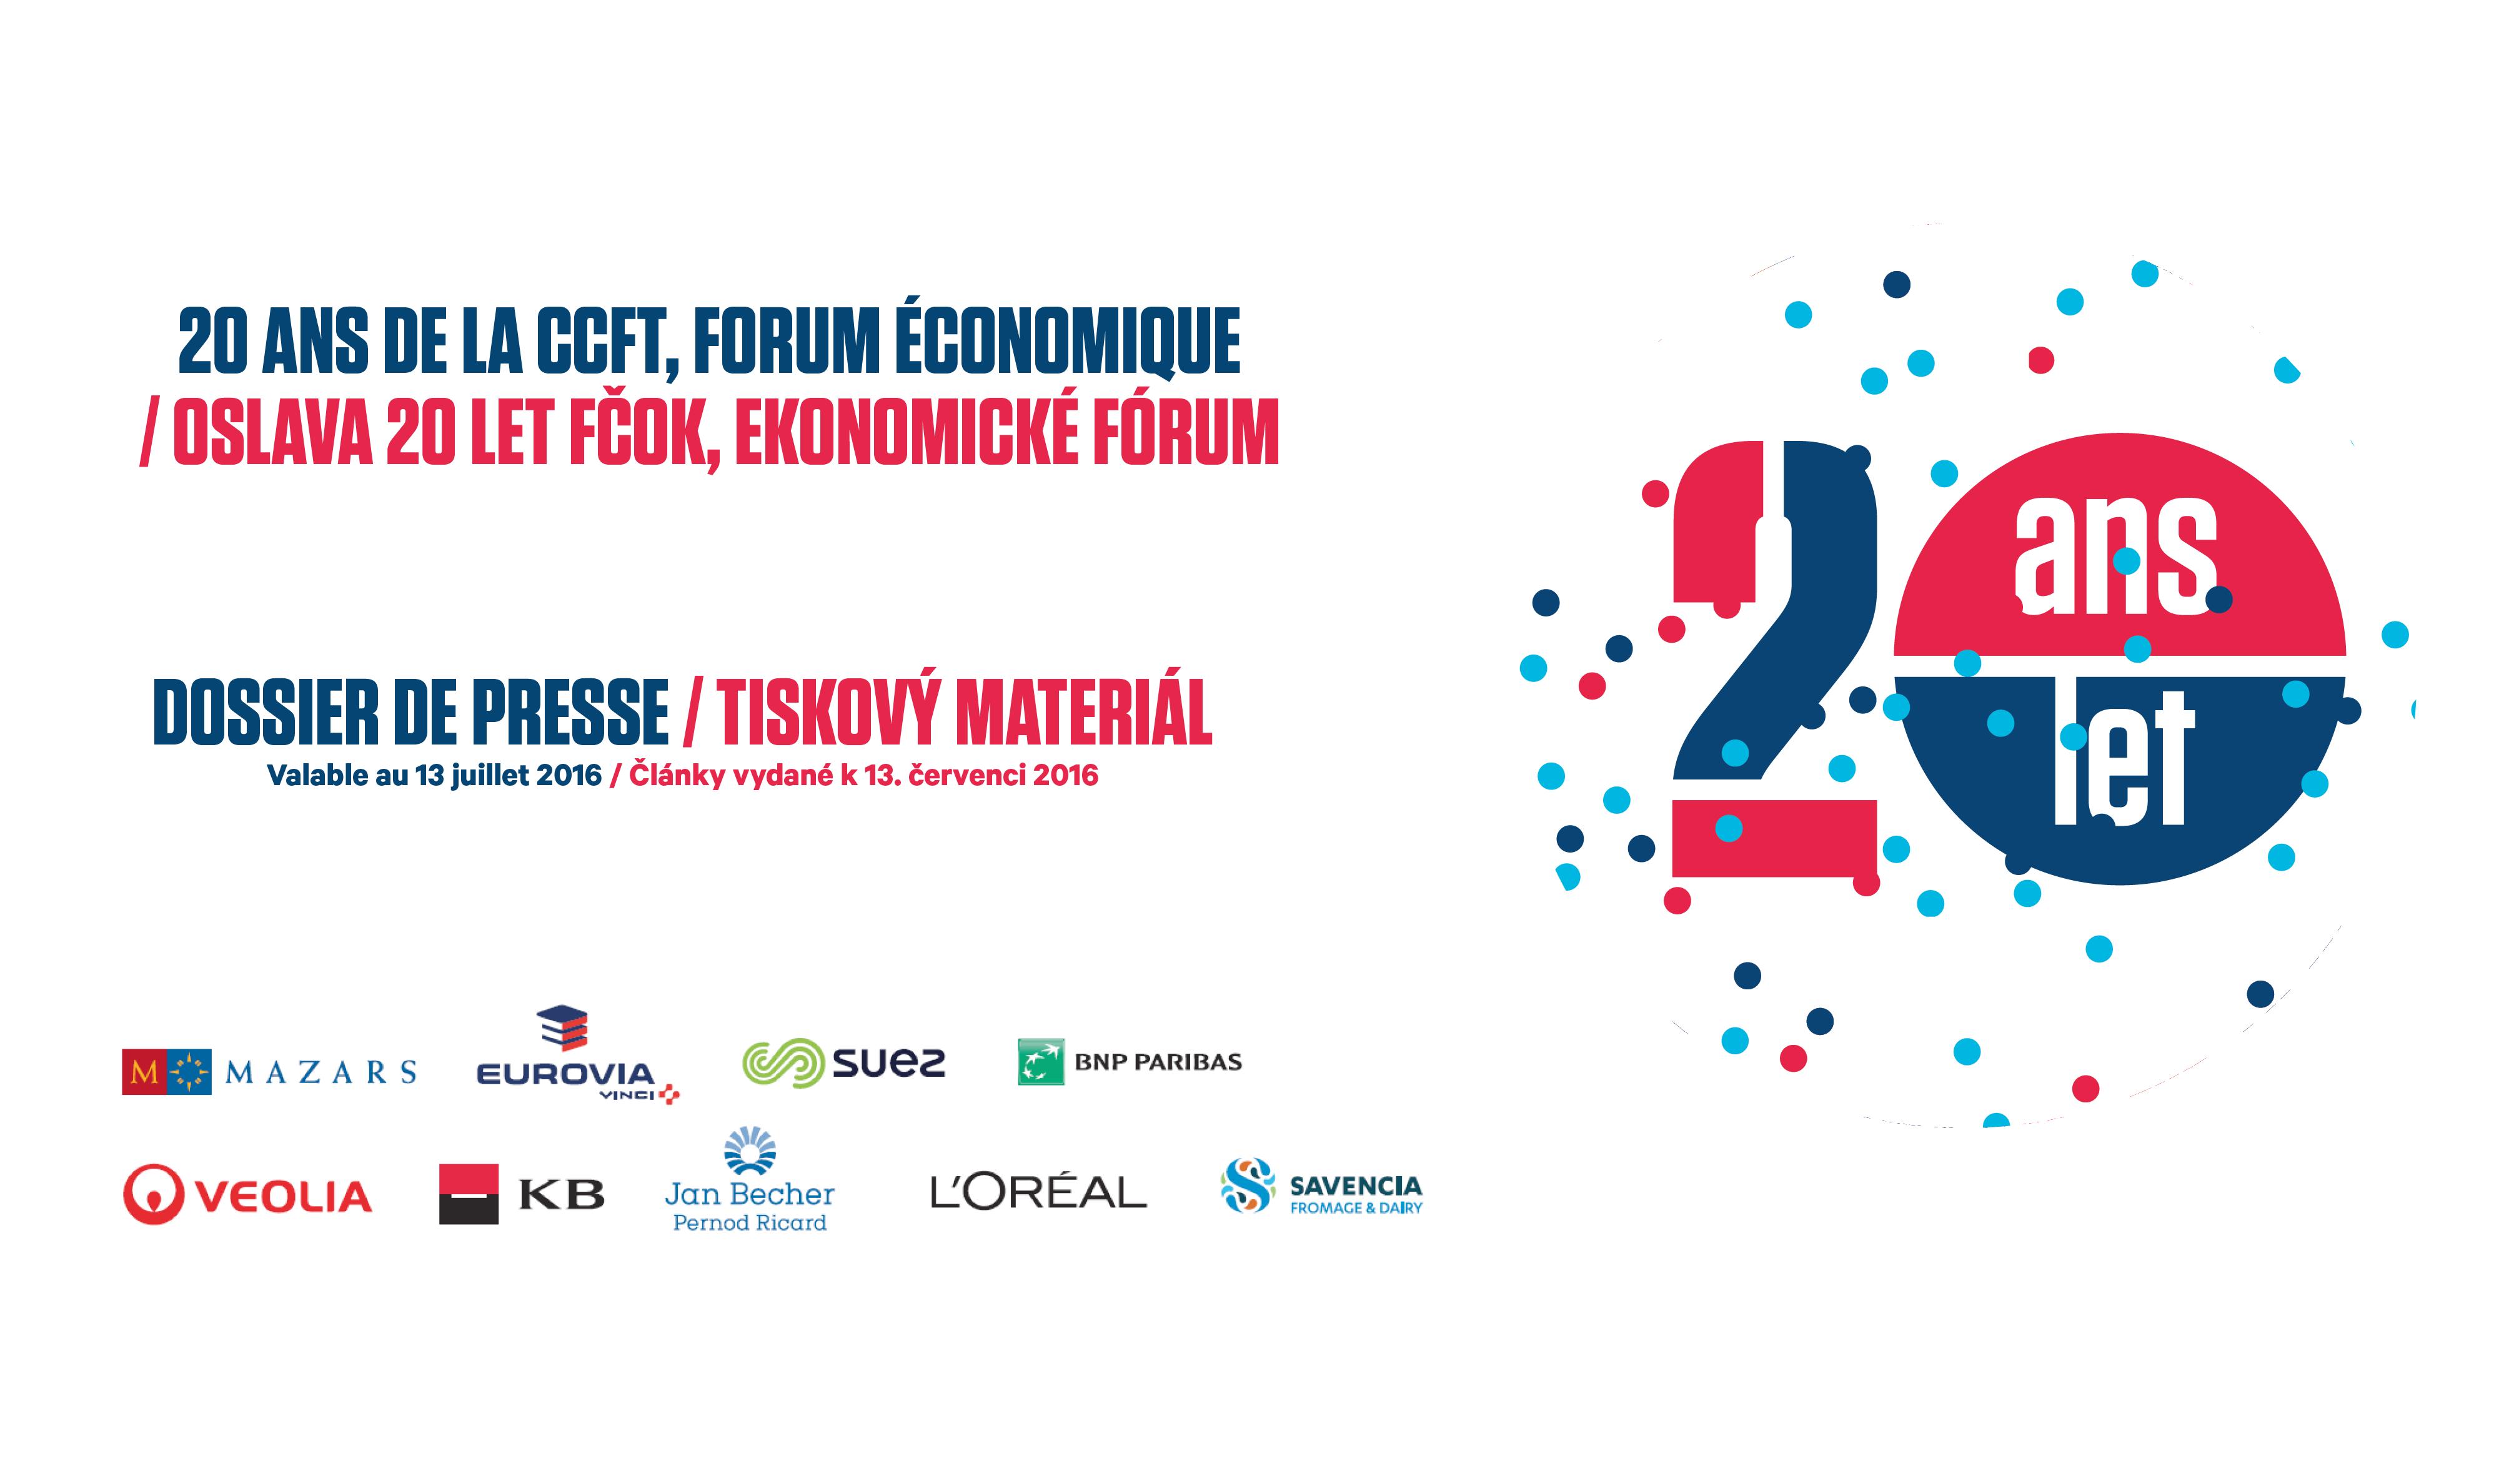 Dossier de presse : 20 ans de la CCFT